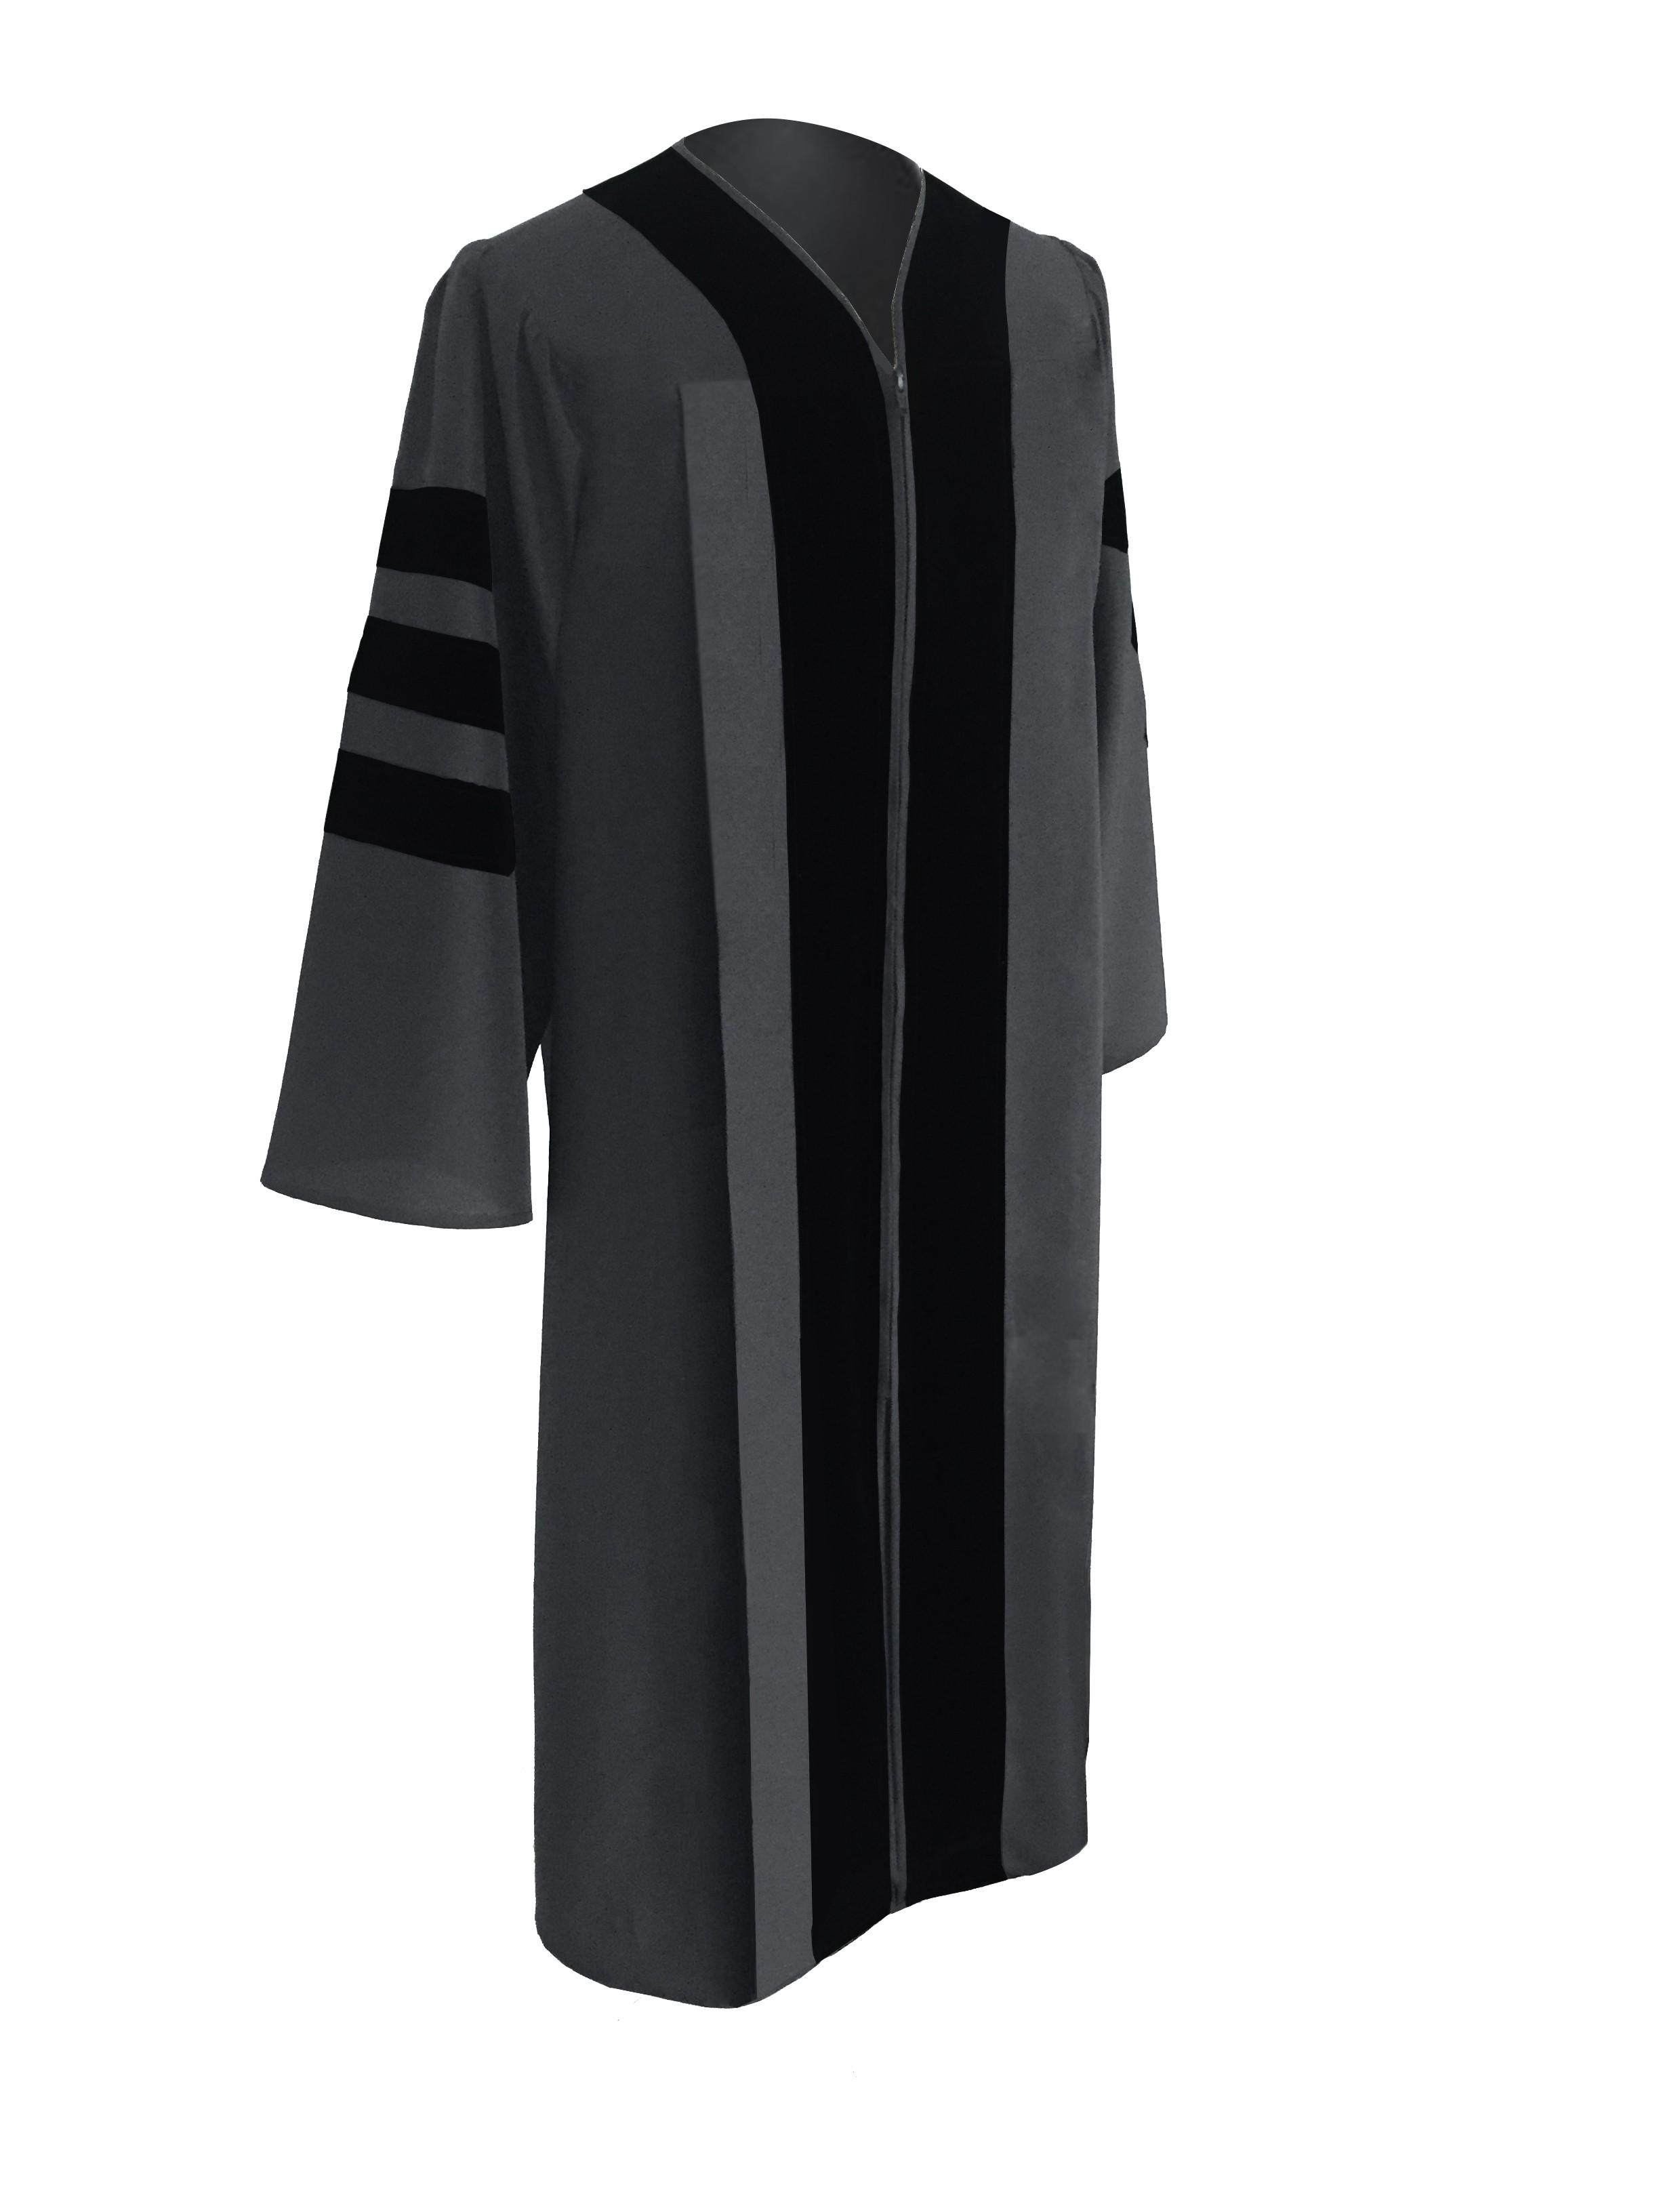 Classic Doctoral Graduation Gown | Gradshop